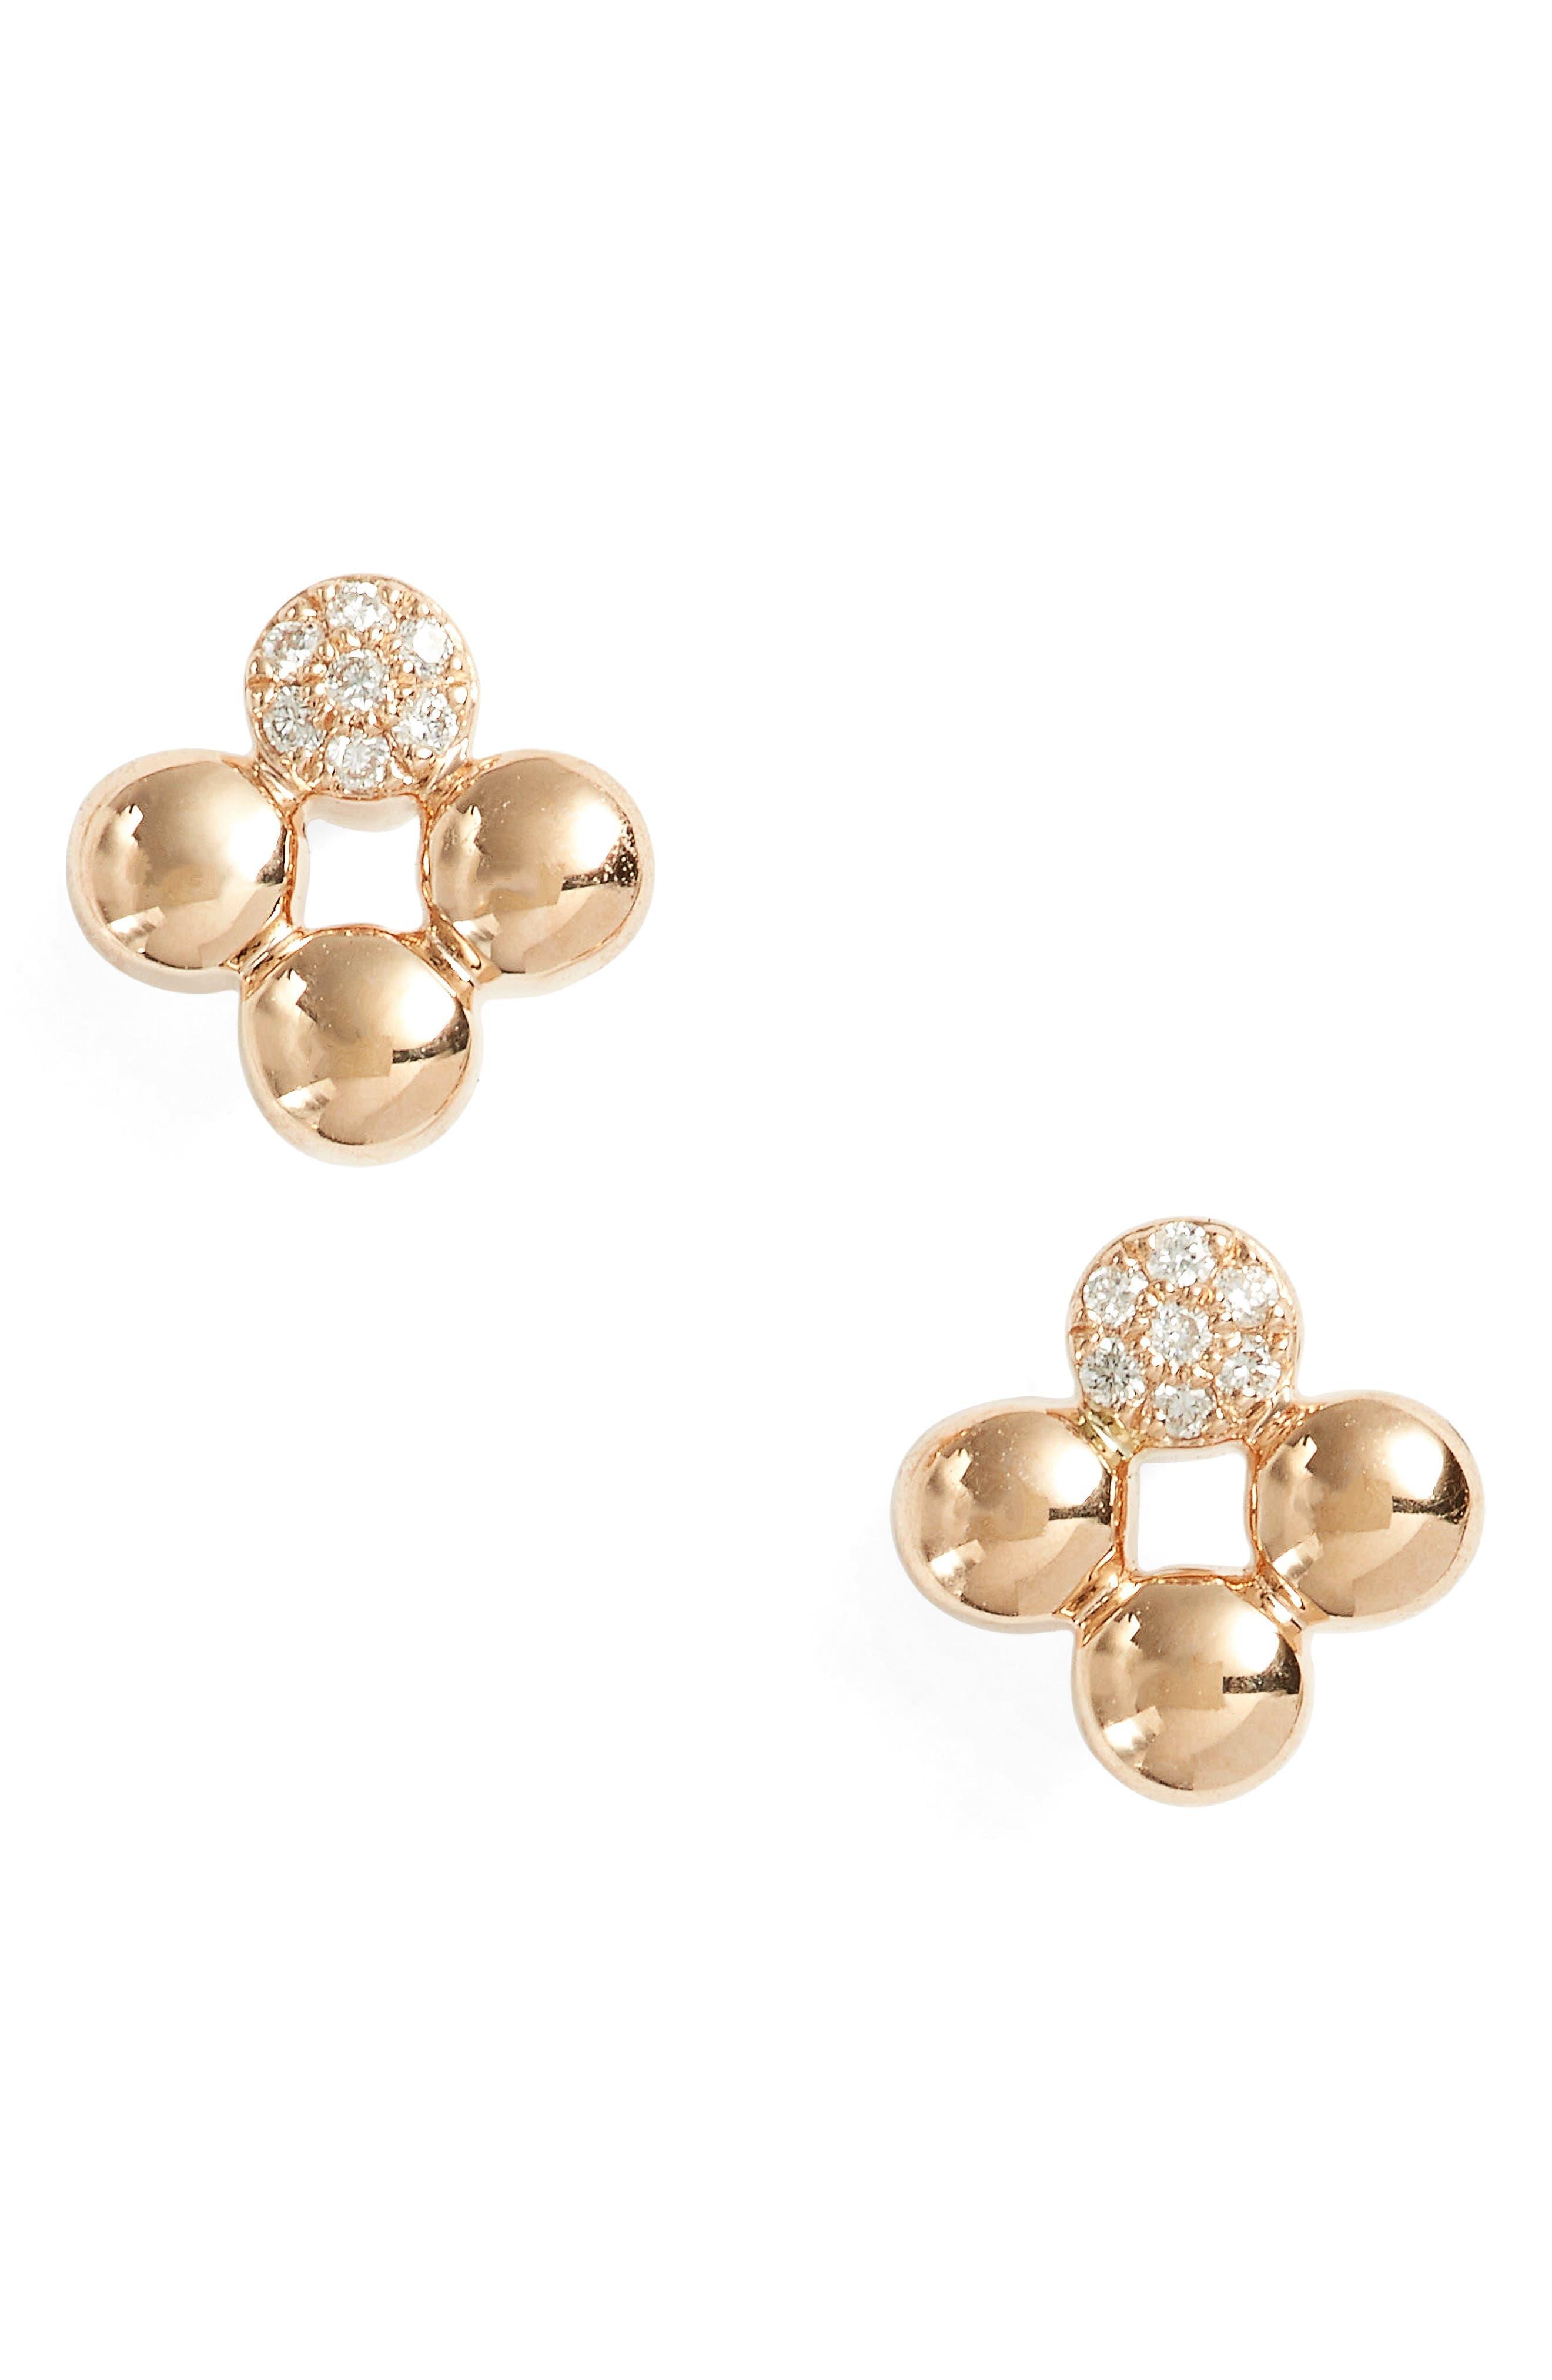 Dana Rebecca Designs Poppy Rae Clover Diamond Stud Earrings